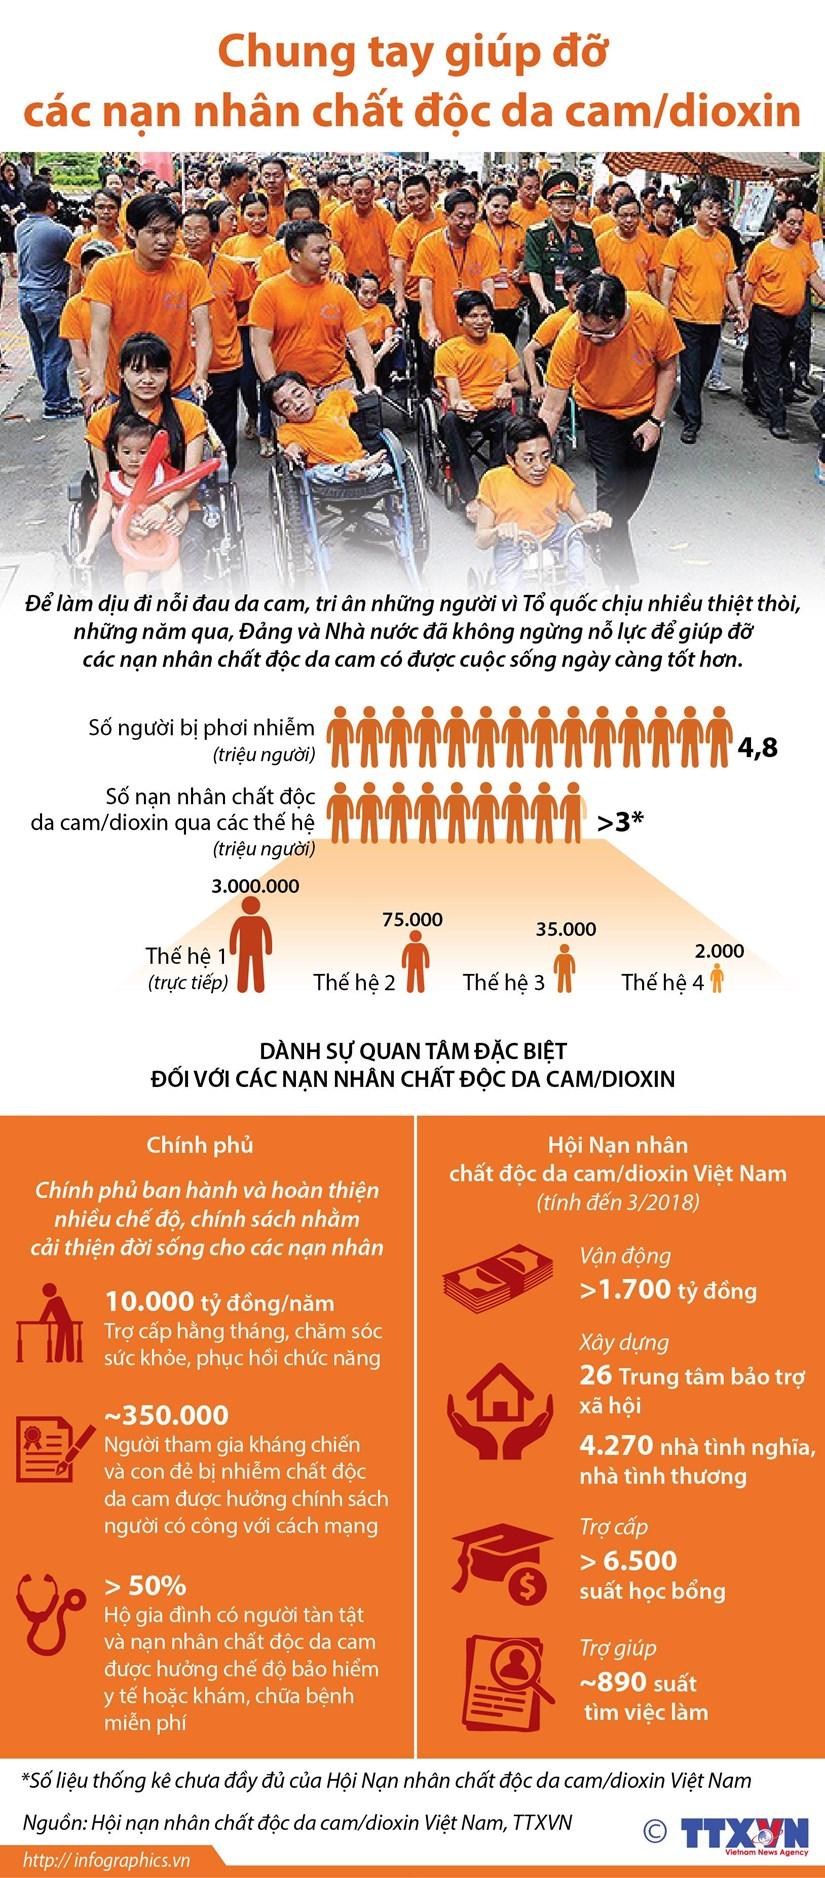 Hiện nay ở Việt Nam có 4,8 triệu người bị phơi nhiễm chất độc hóa học, trong đó có hơn 3 triệu người là nạn nhân chất độc da cam. Tuy nhiên, chỉ có gần 400.000 người được hưởng chính sách trợ cấp của nhà nước. Các nạn nhân rất cần sự chung tay giúp đỡ của cộng đồng để được chăm sóc sức khỏe và có thêm động lực vượt qua khó khăn trong cuộc sống.